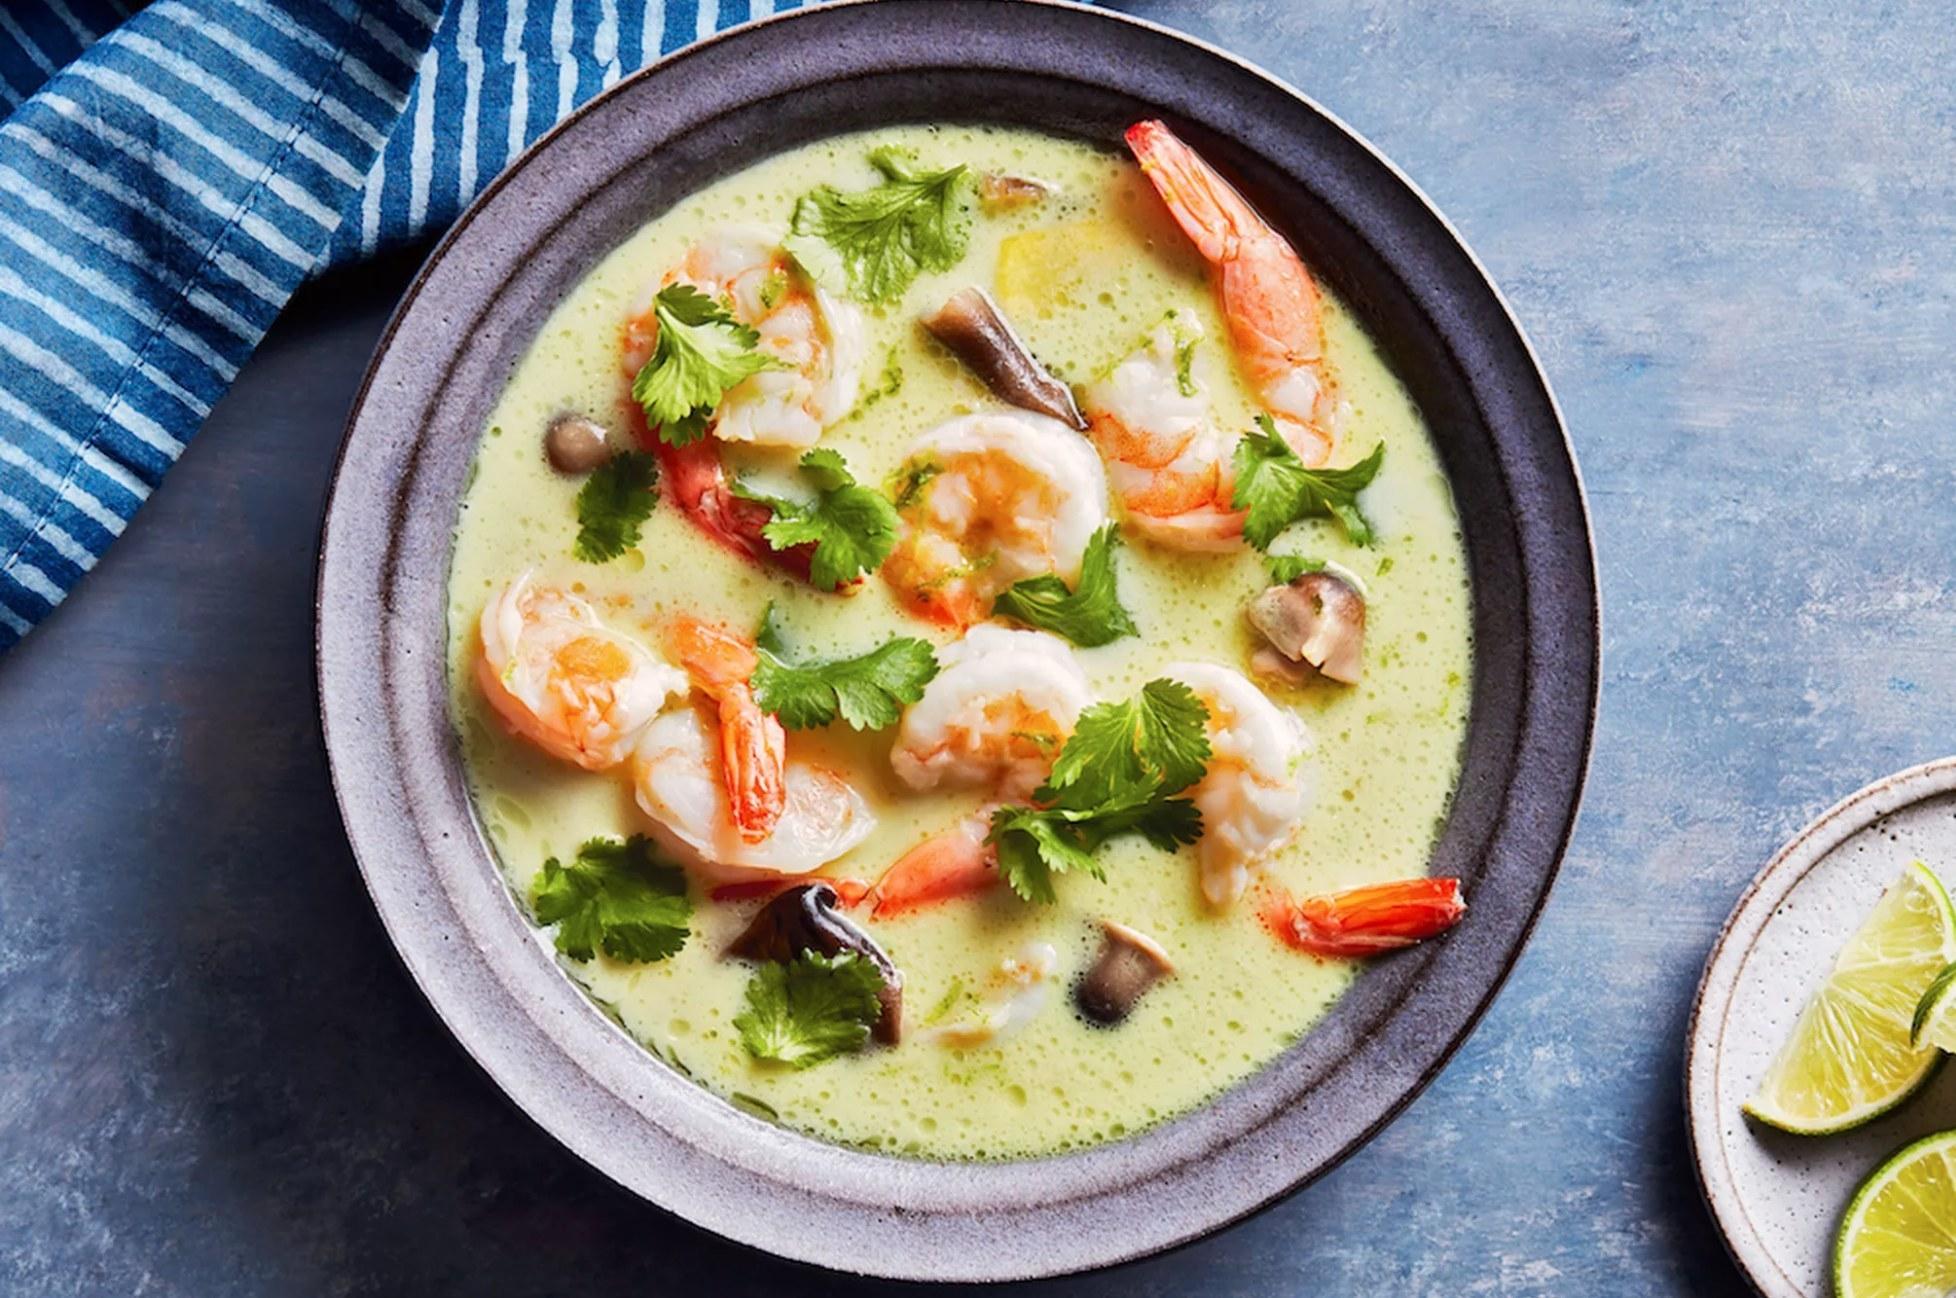 Coconut shrimp soup in a bowl